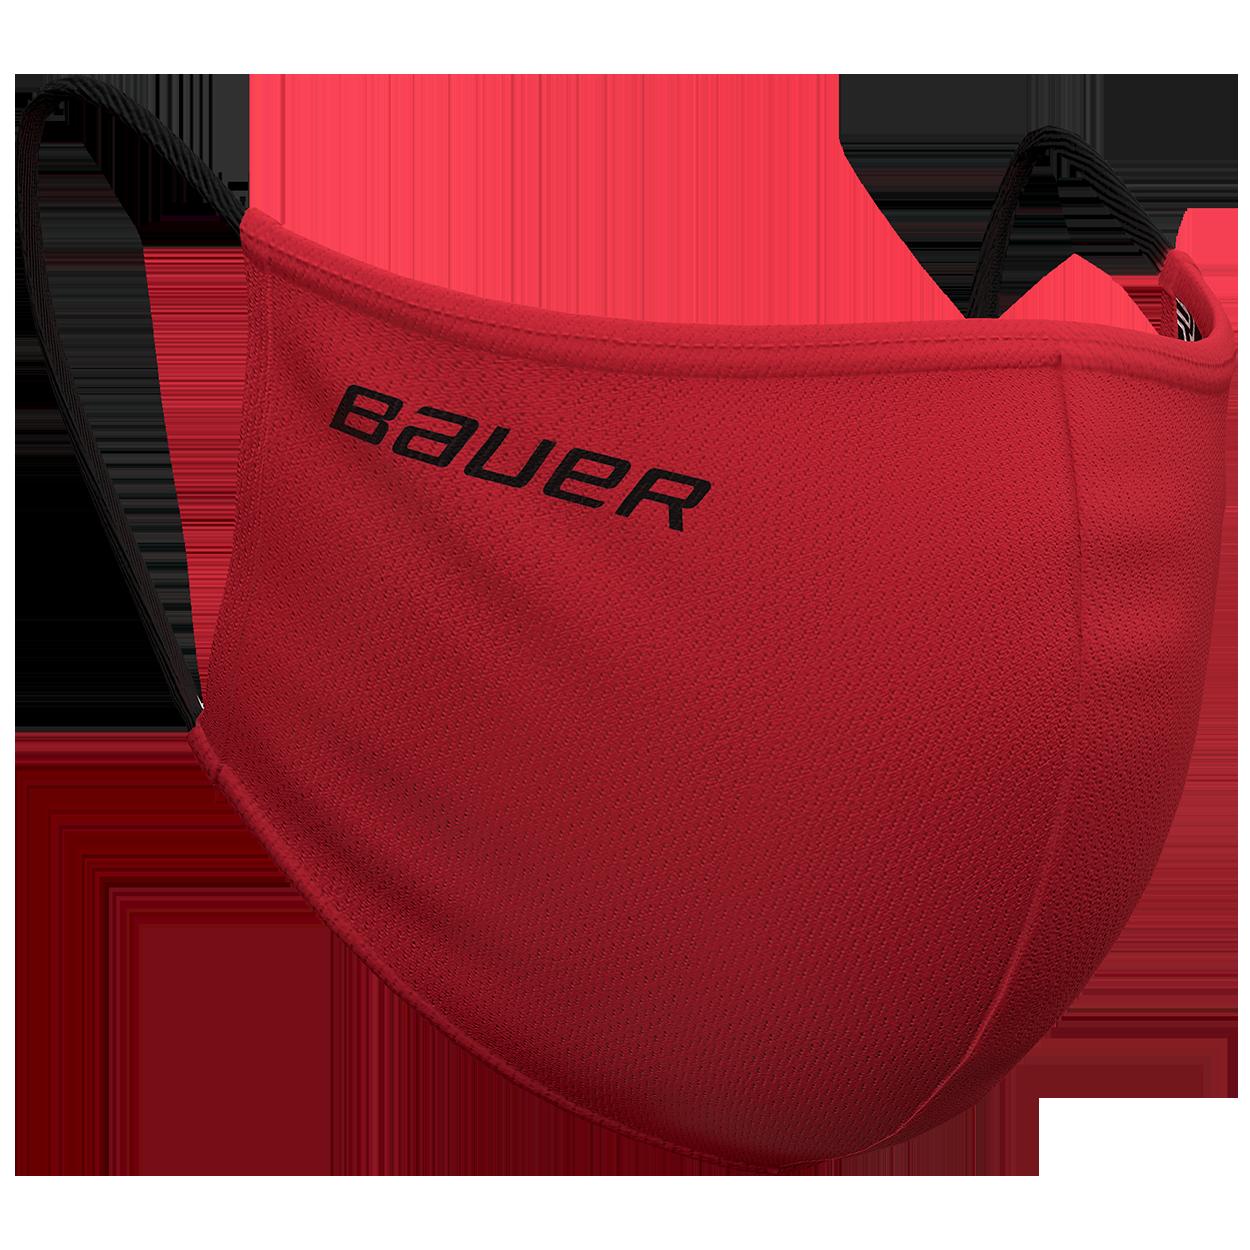 Red/Bauer